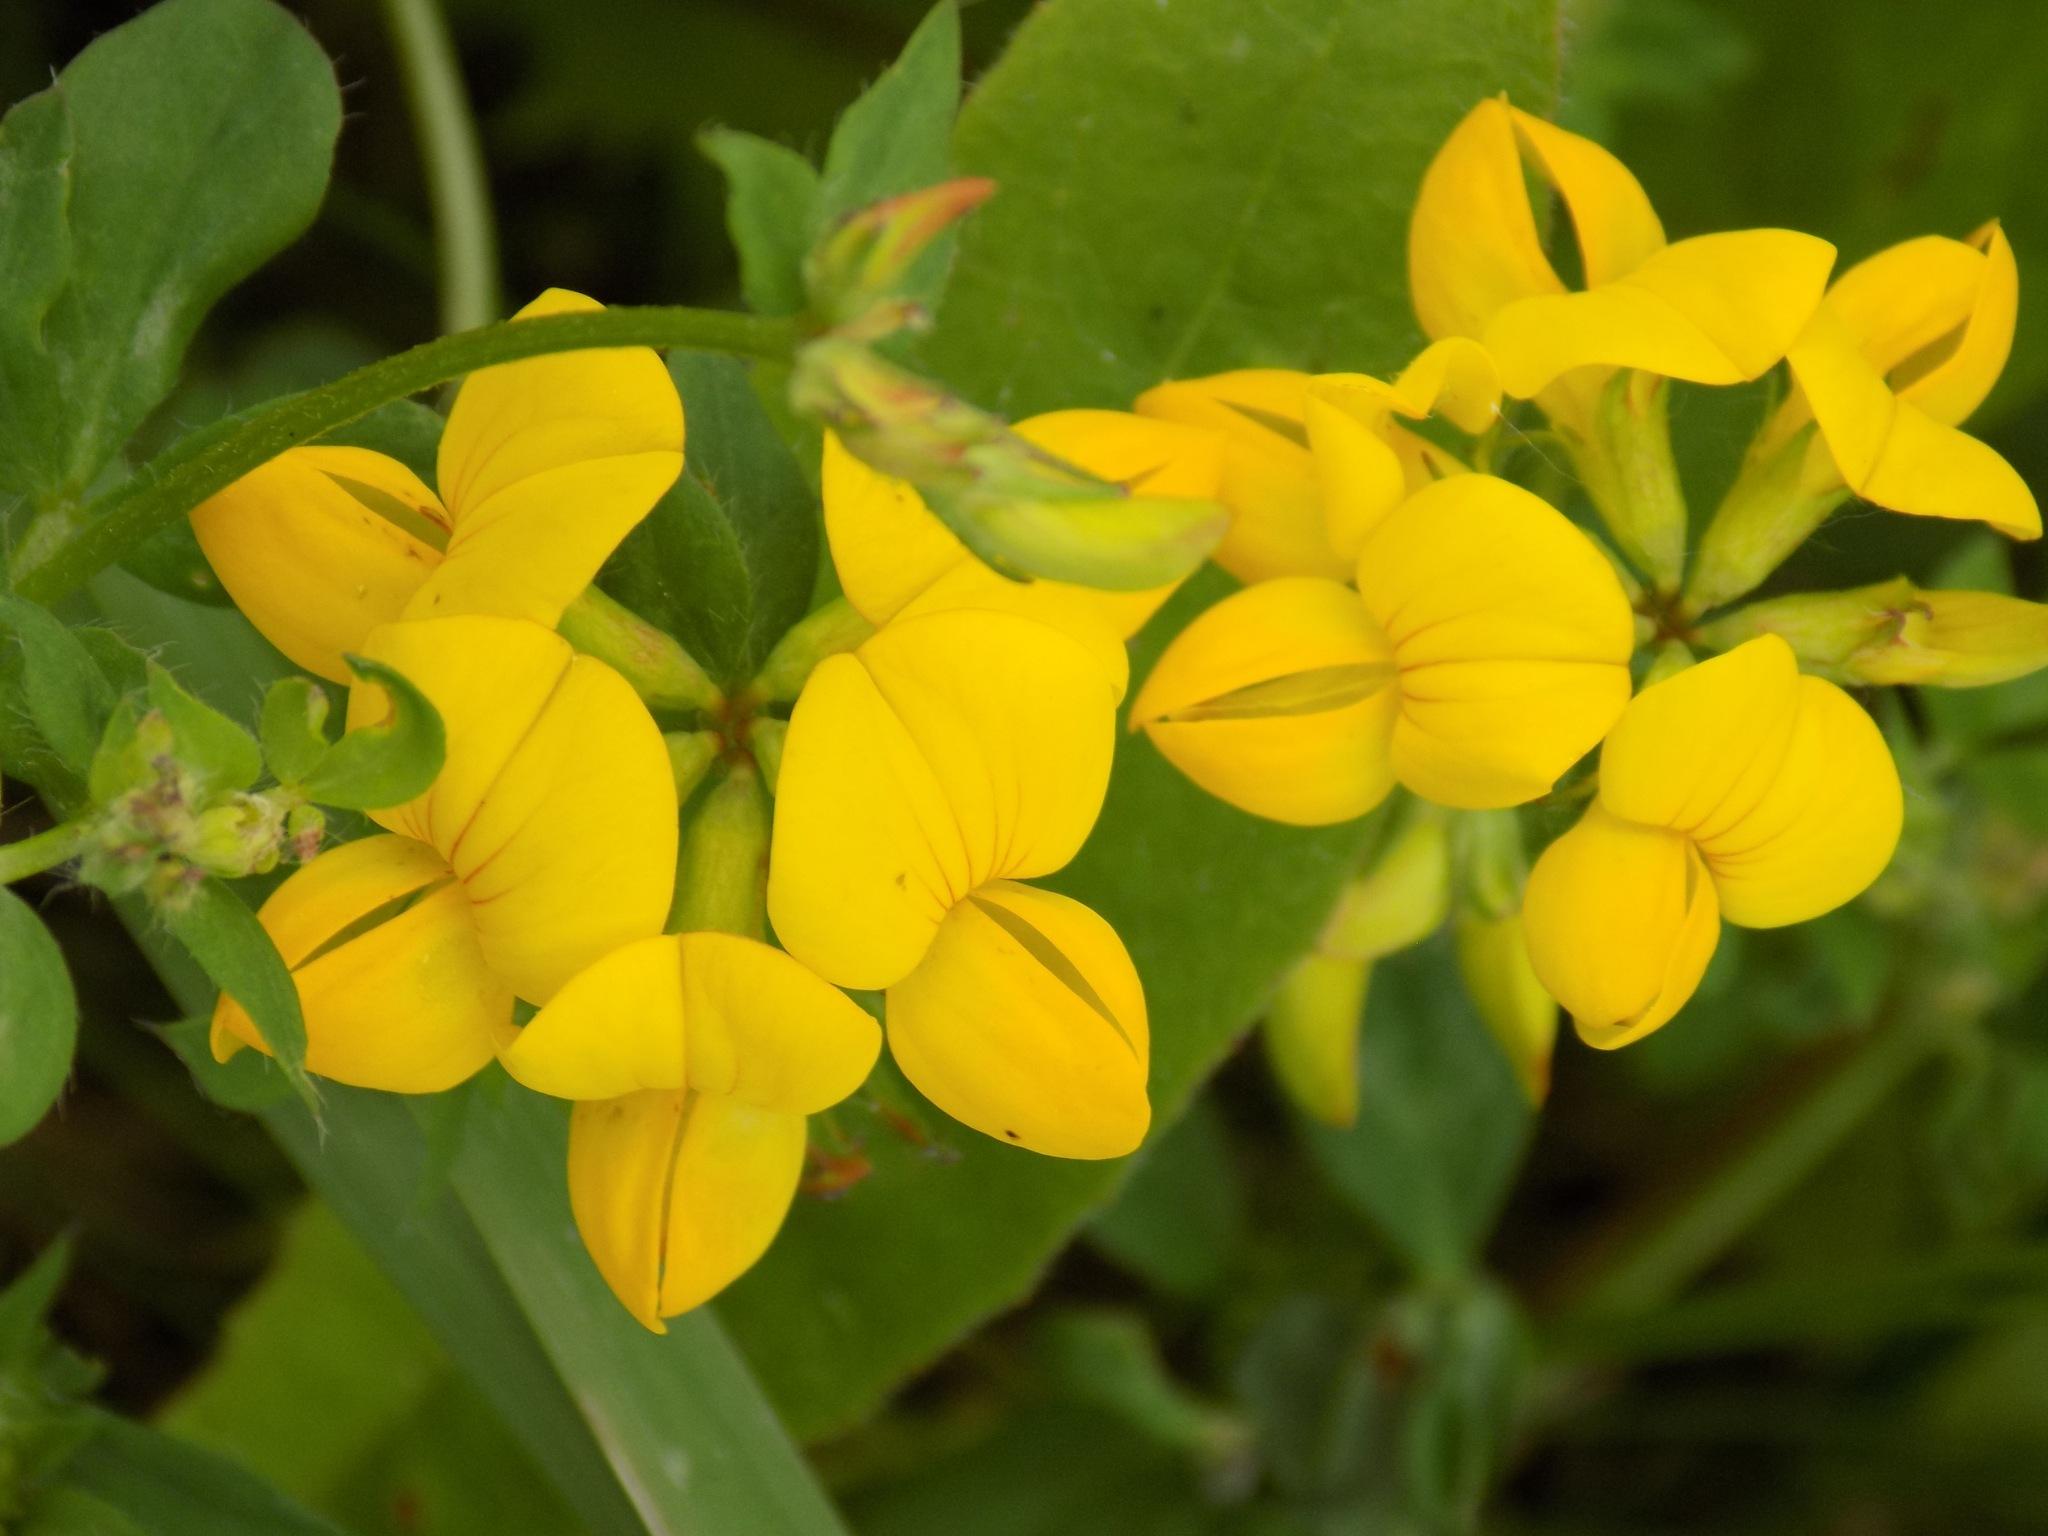 Yellow flowers by uzkuraitiene62